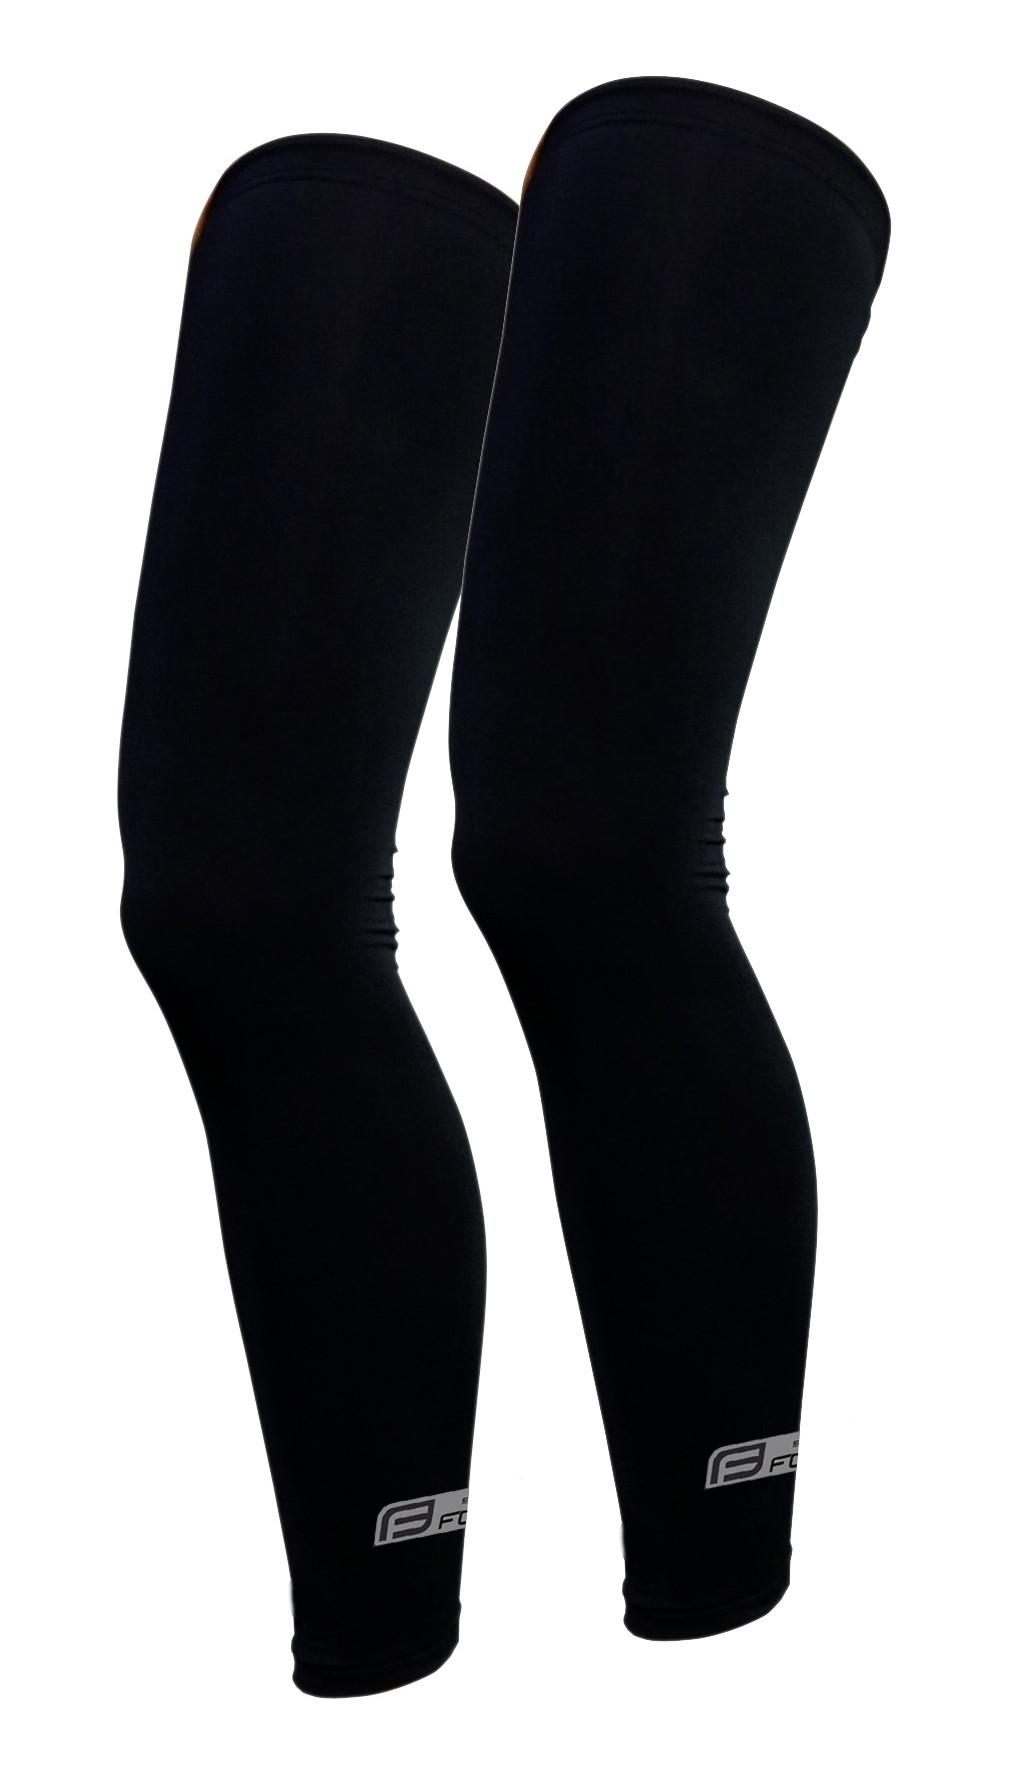 FORCE návleky na nohy RACE, lepené, čierne M